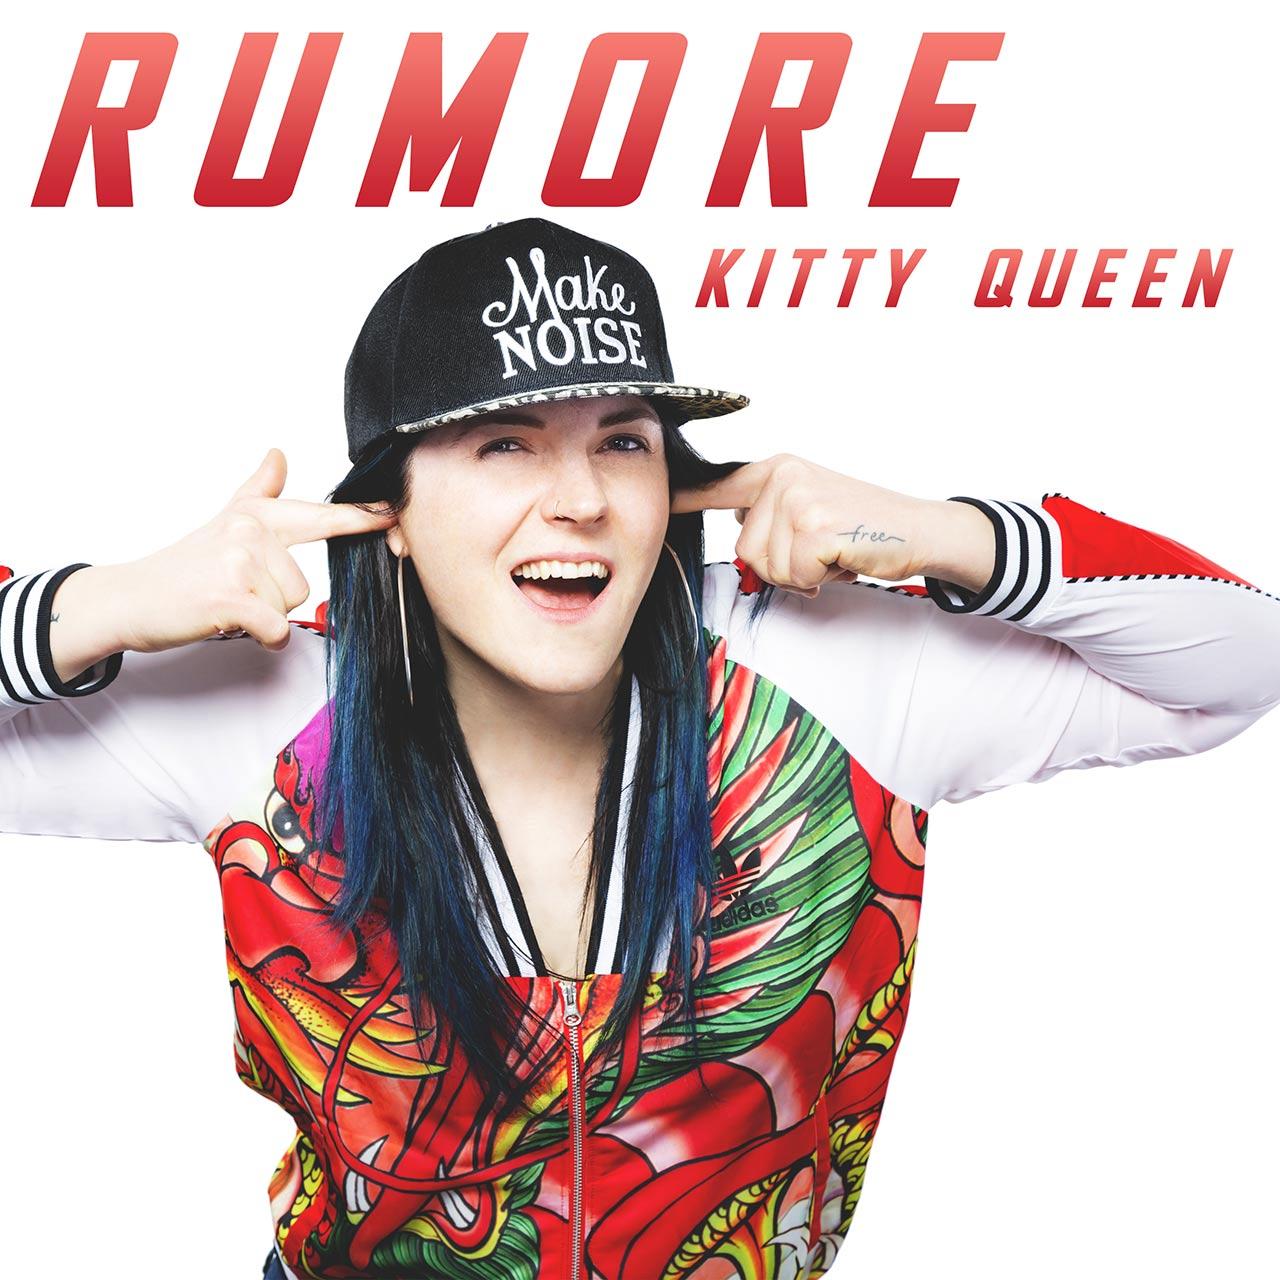 Kitty Queen Rumore